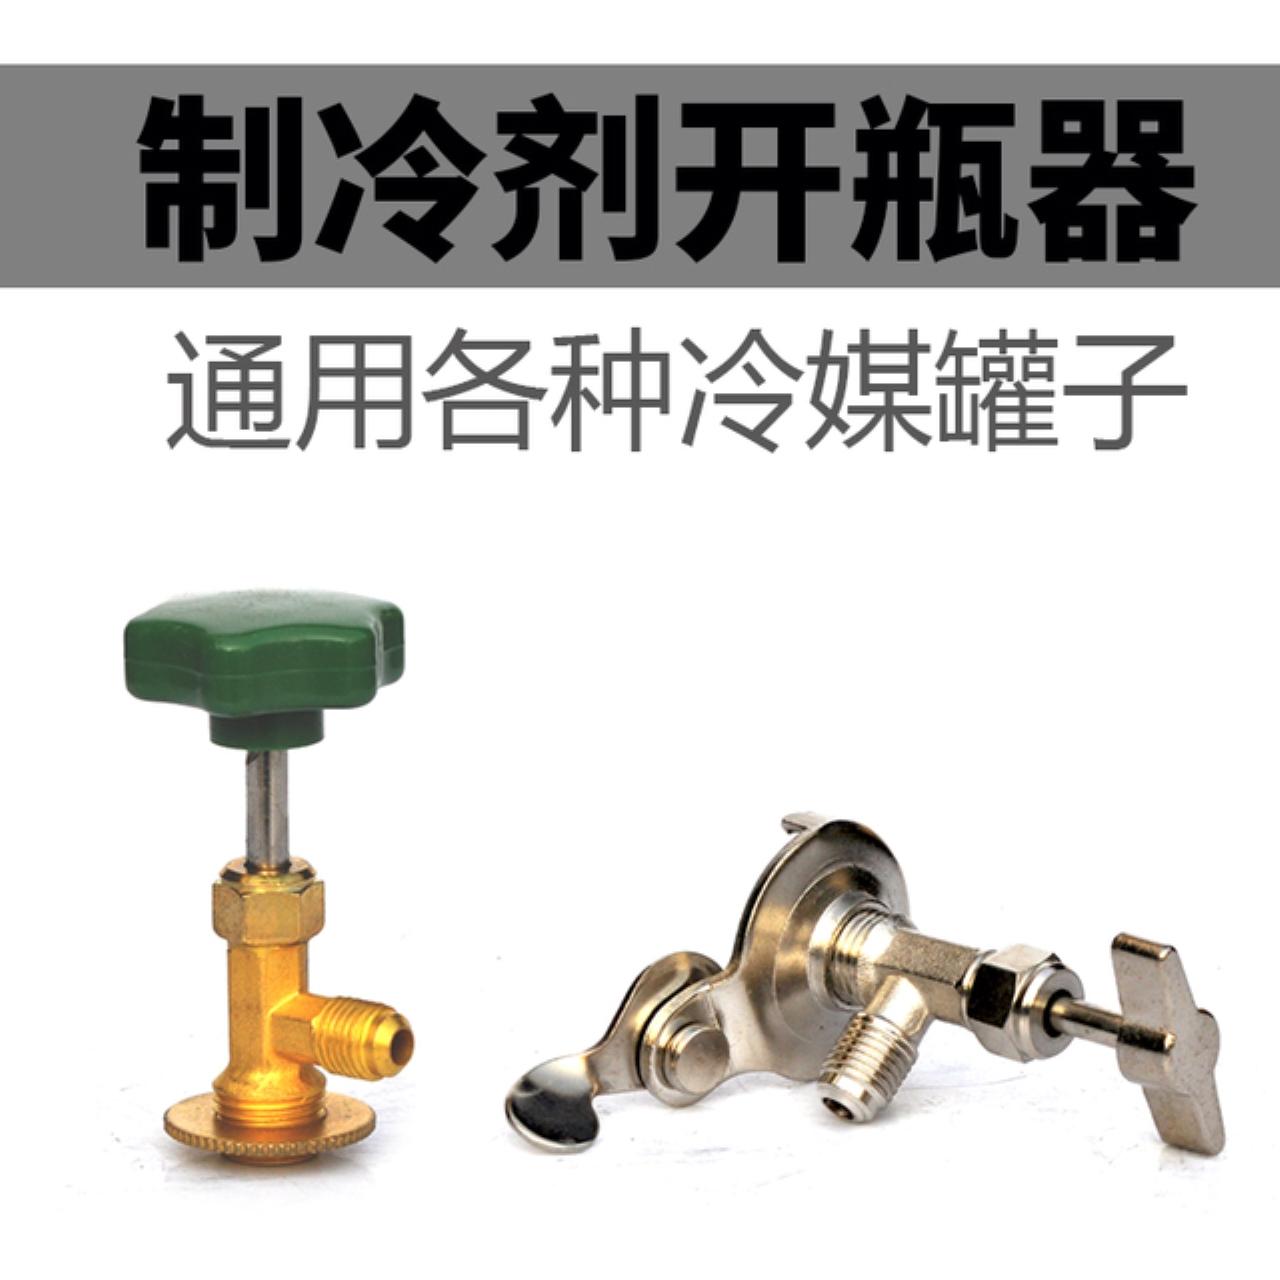 fluor og 0A60 ang kølemiddel klimaanlæg kølemiddel /R12 åbning dåseåbner T338R340 ventil c